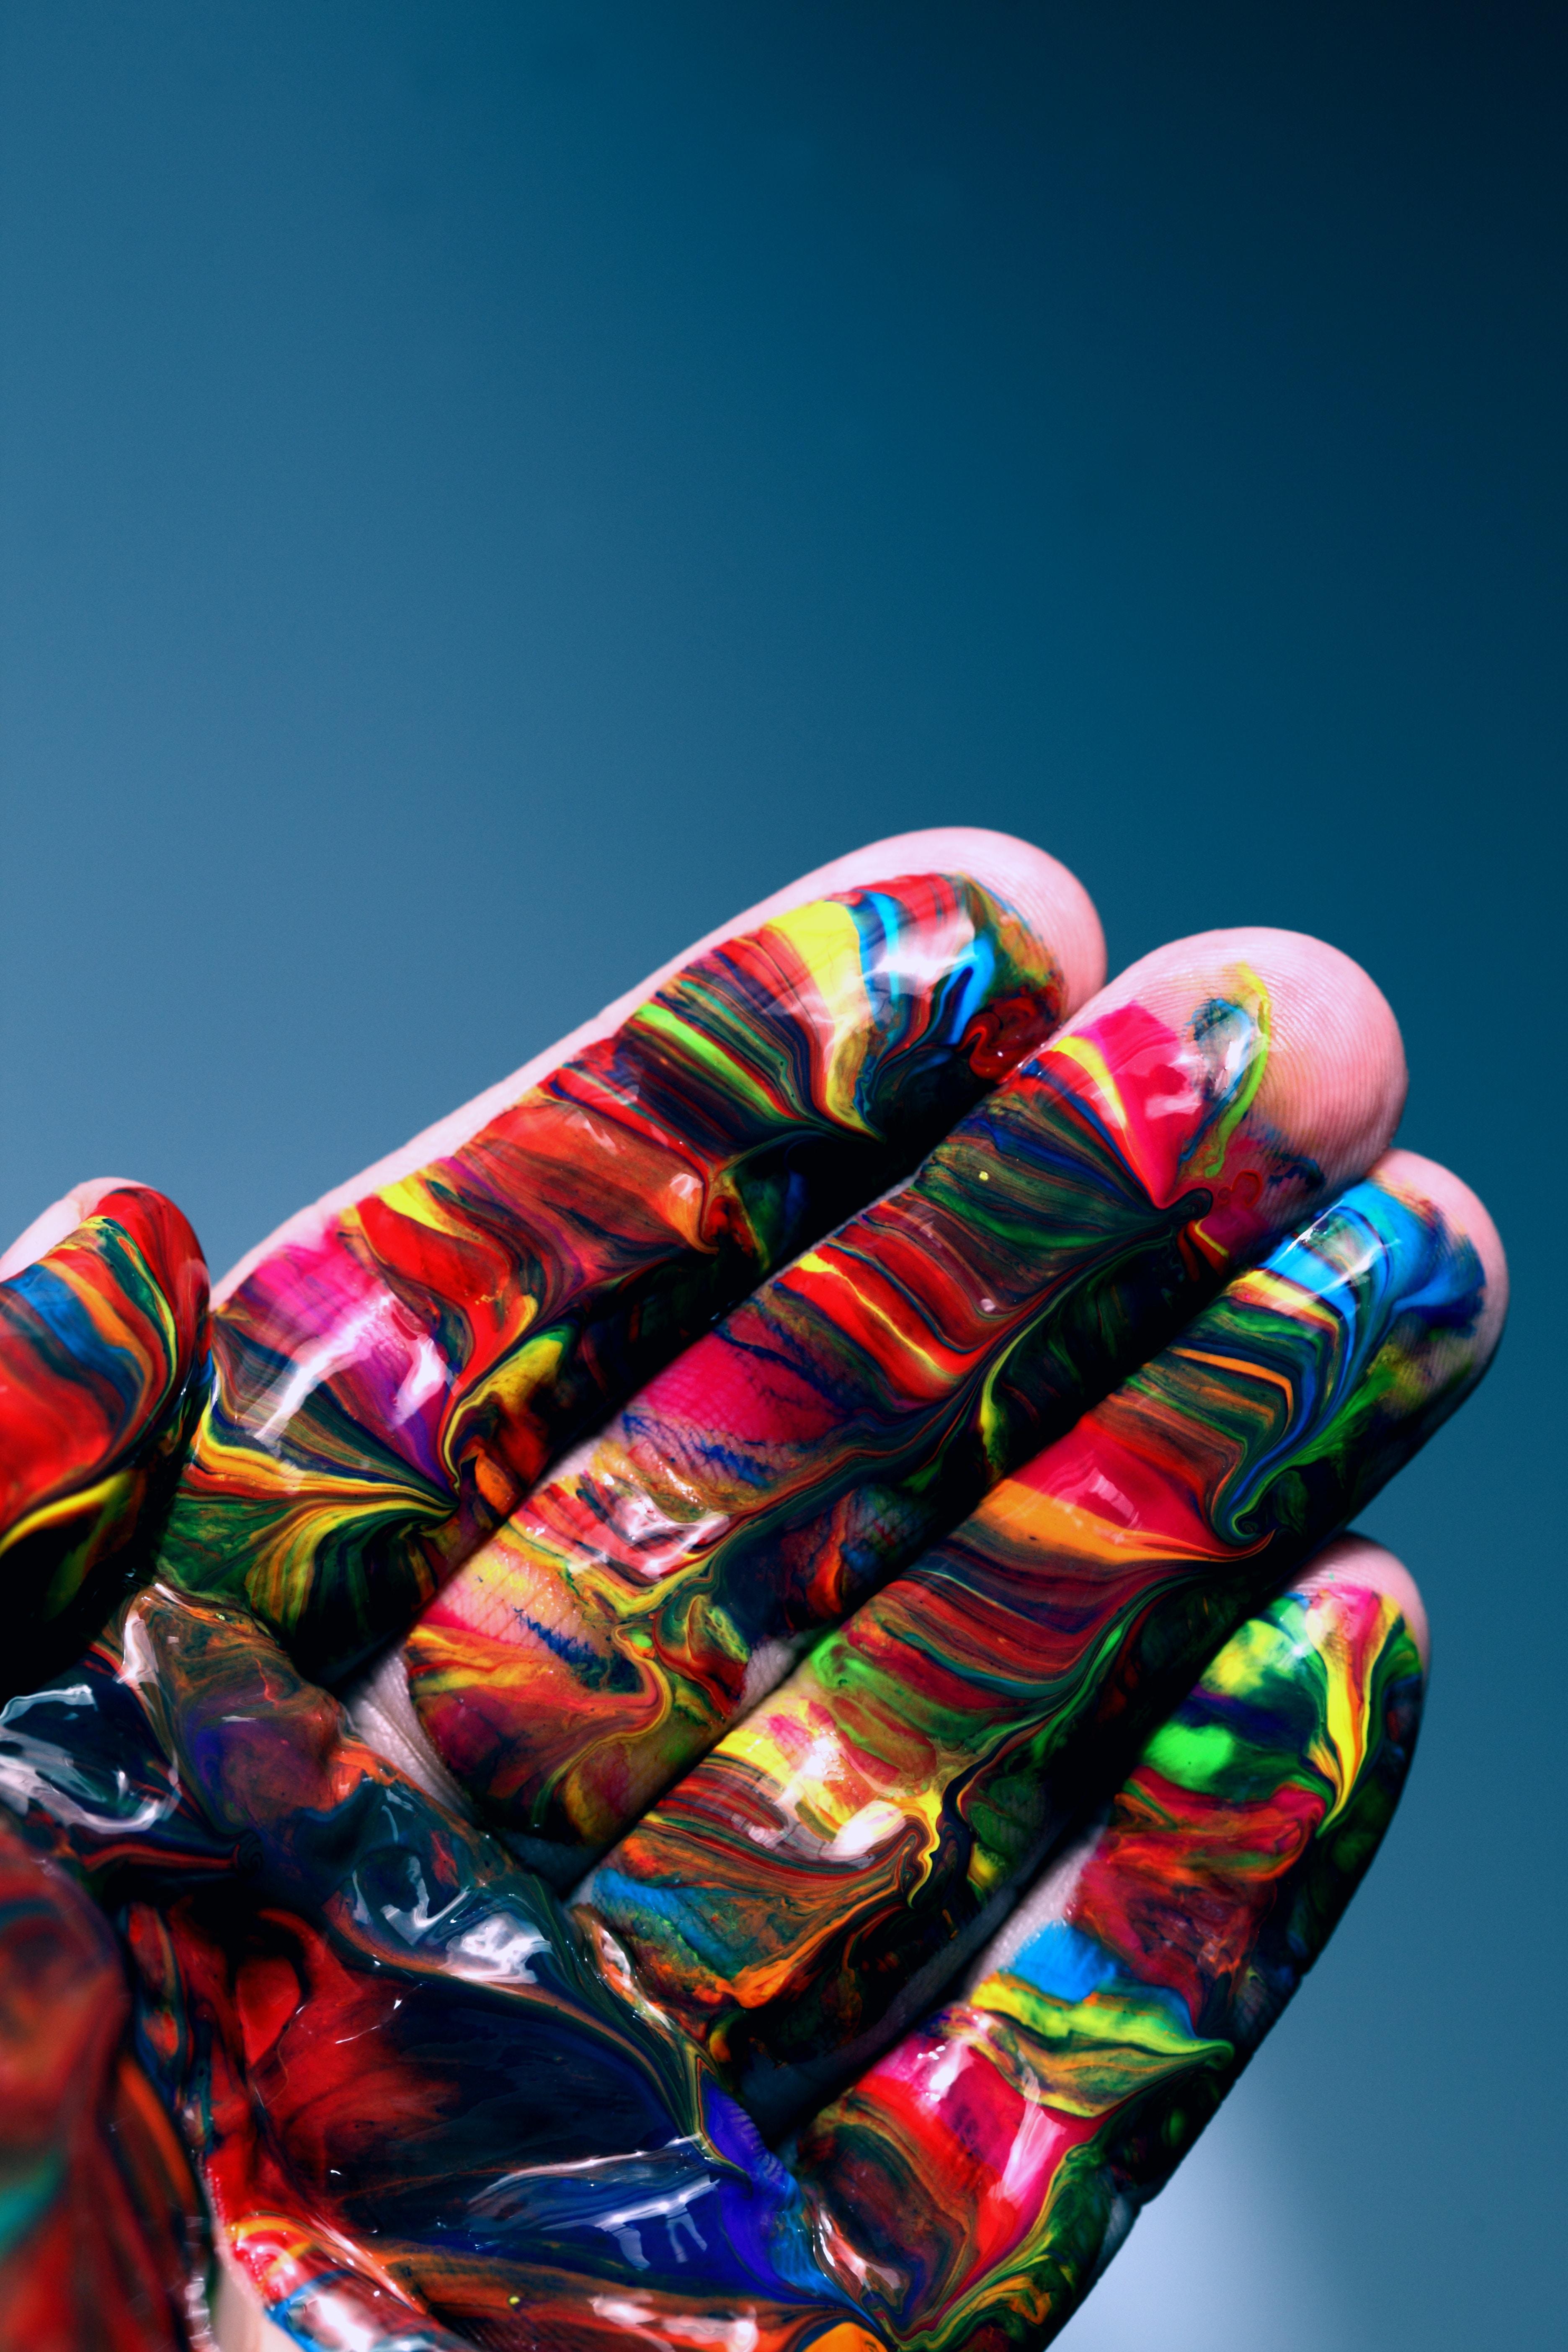 96816 économiseurs d'écran et fonds d'écran Abstrait sur votre téléphone. Téléchargez Divers, Main, Peindre, Peinture, Multicolore, Hétéroclite, Abstrait images gratuitement